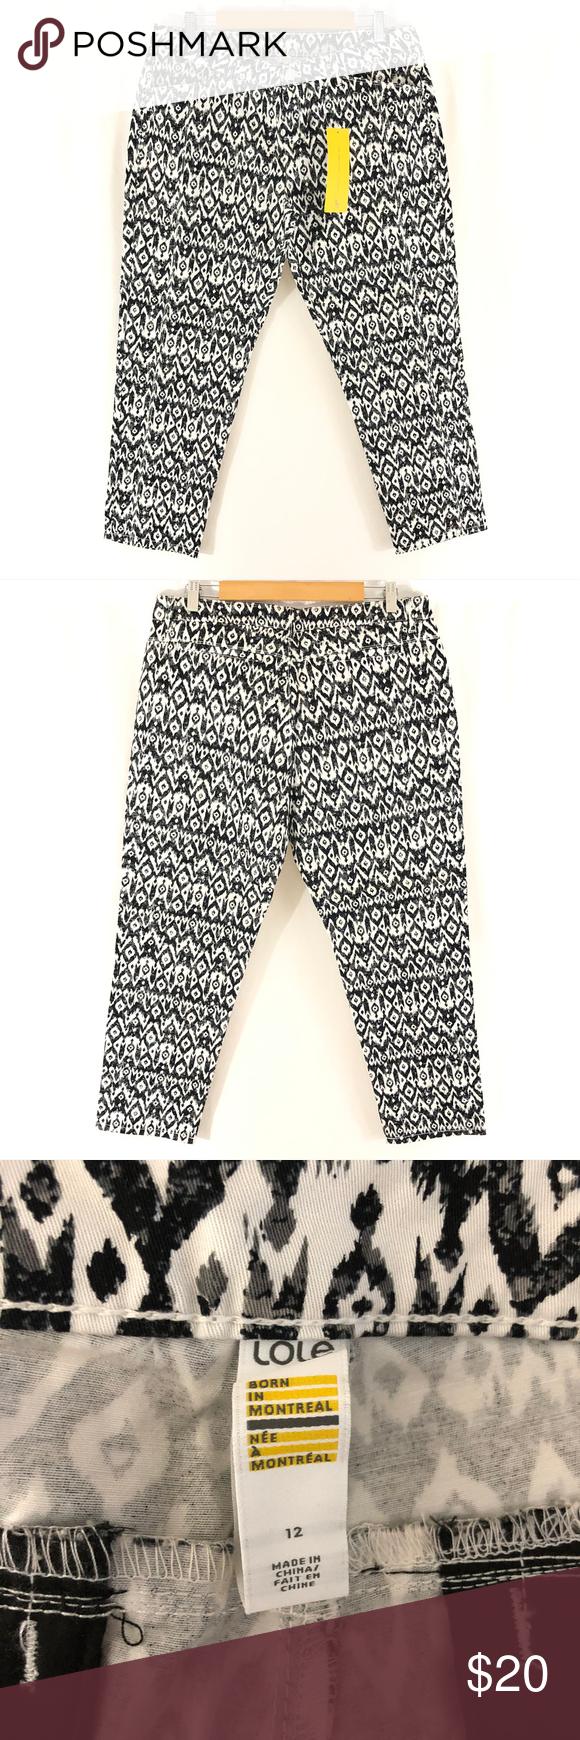 LOLE Womens Jolie Pants Ankle Crop Ikat Cotton Blend Stretch Black White Size 12